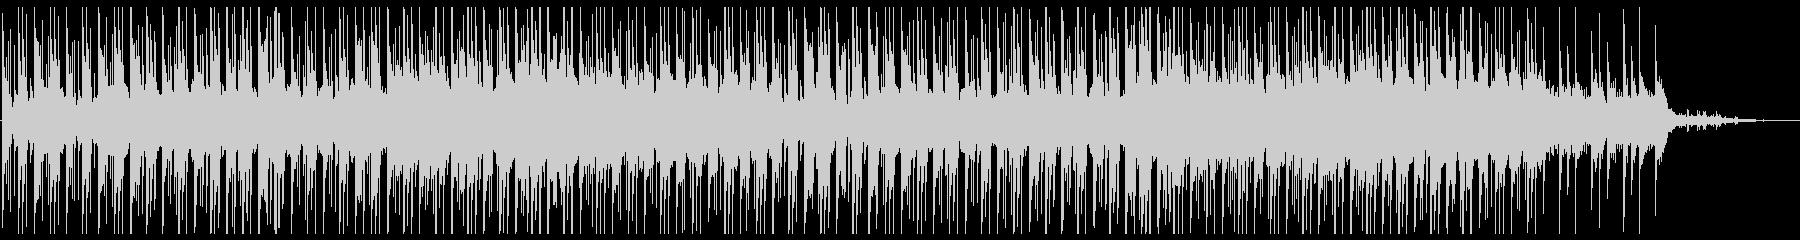 (森林浴)和風の癒しBGMの未再生の波形